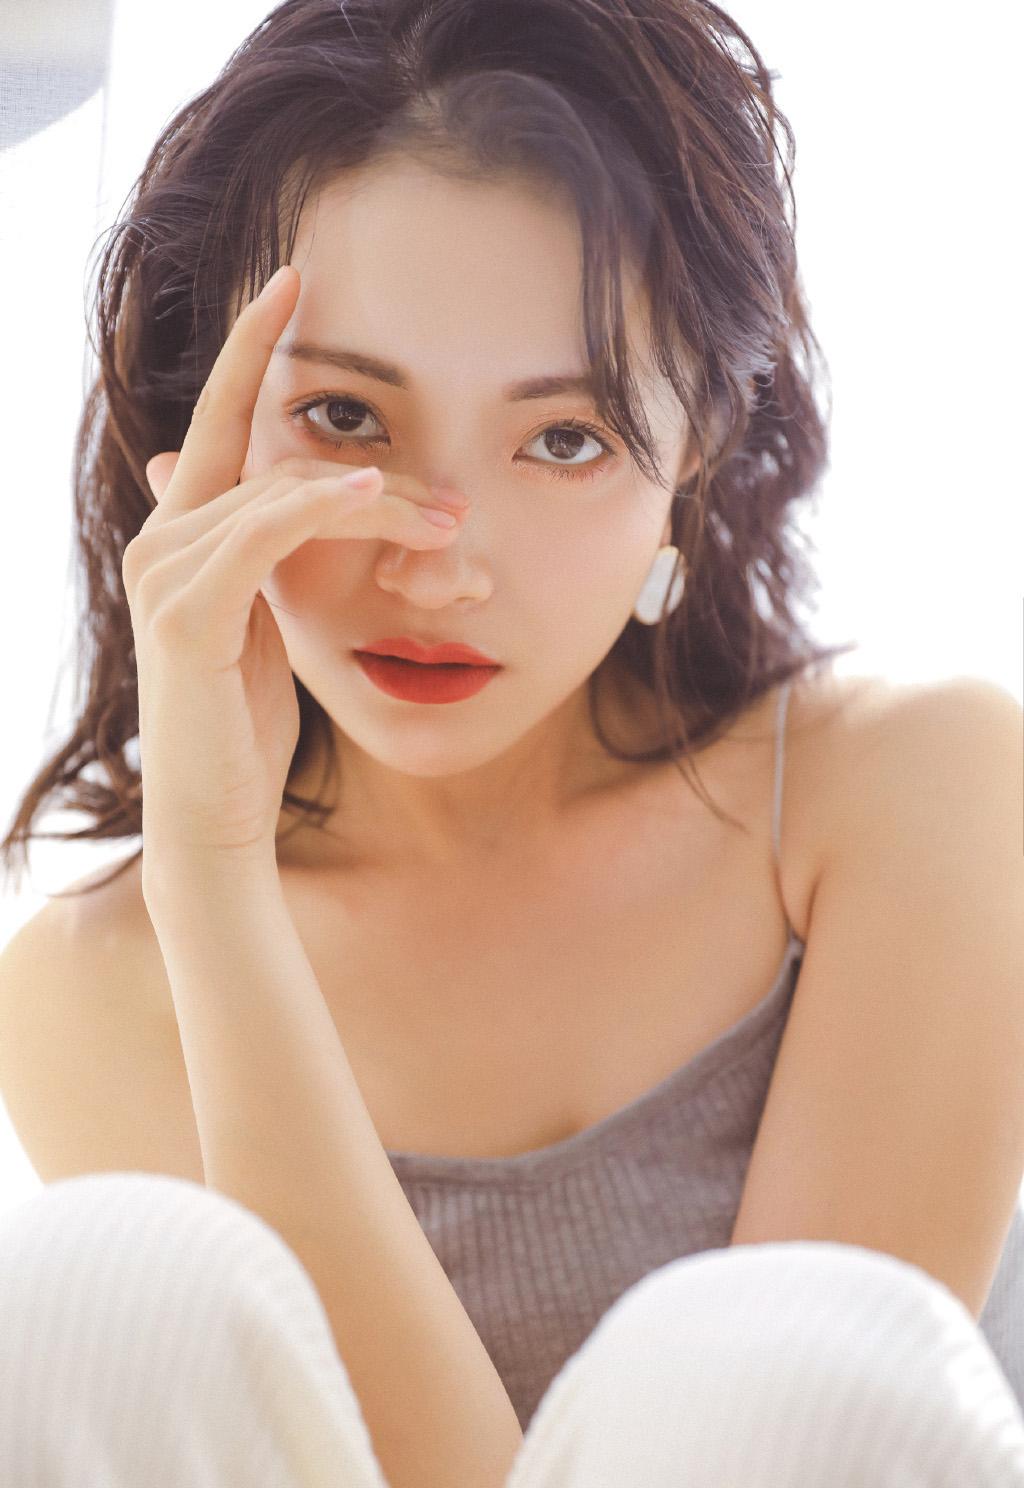 明星辣妈包文婧时尚简约性感吊带诱惑私房写真集